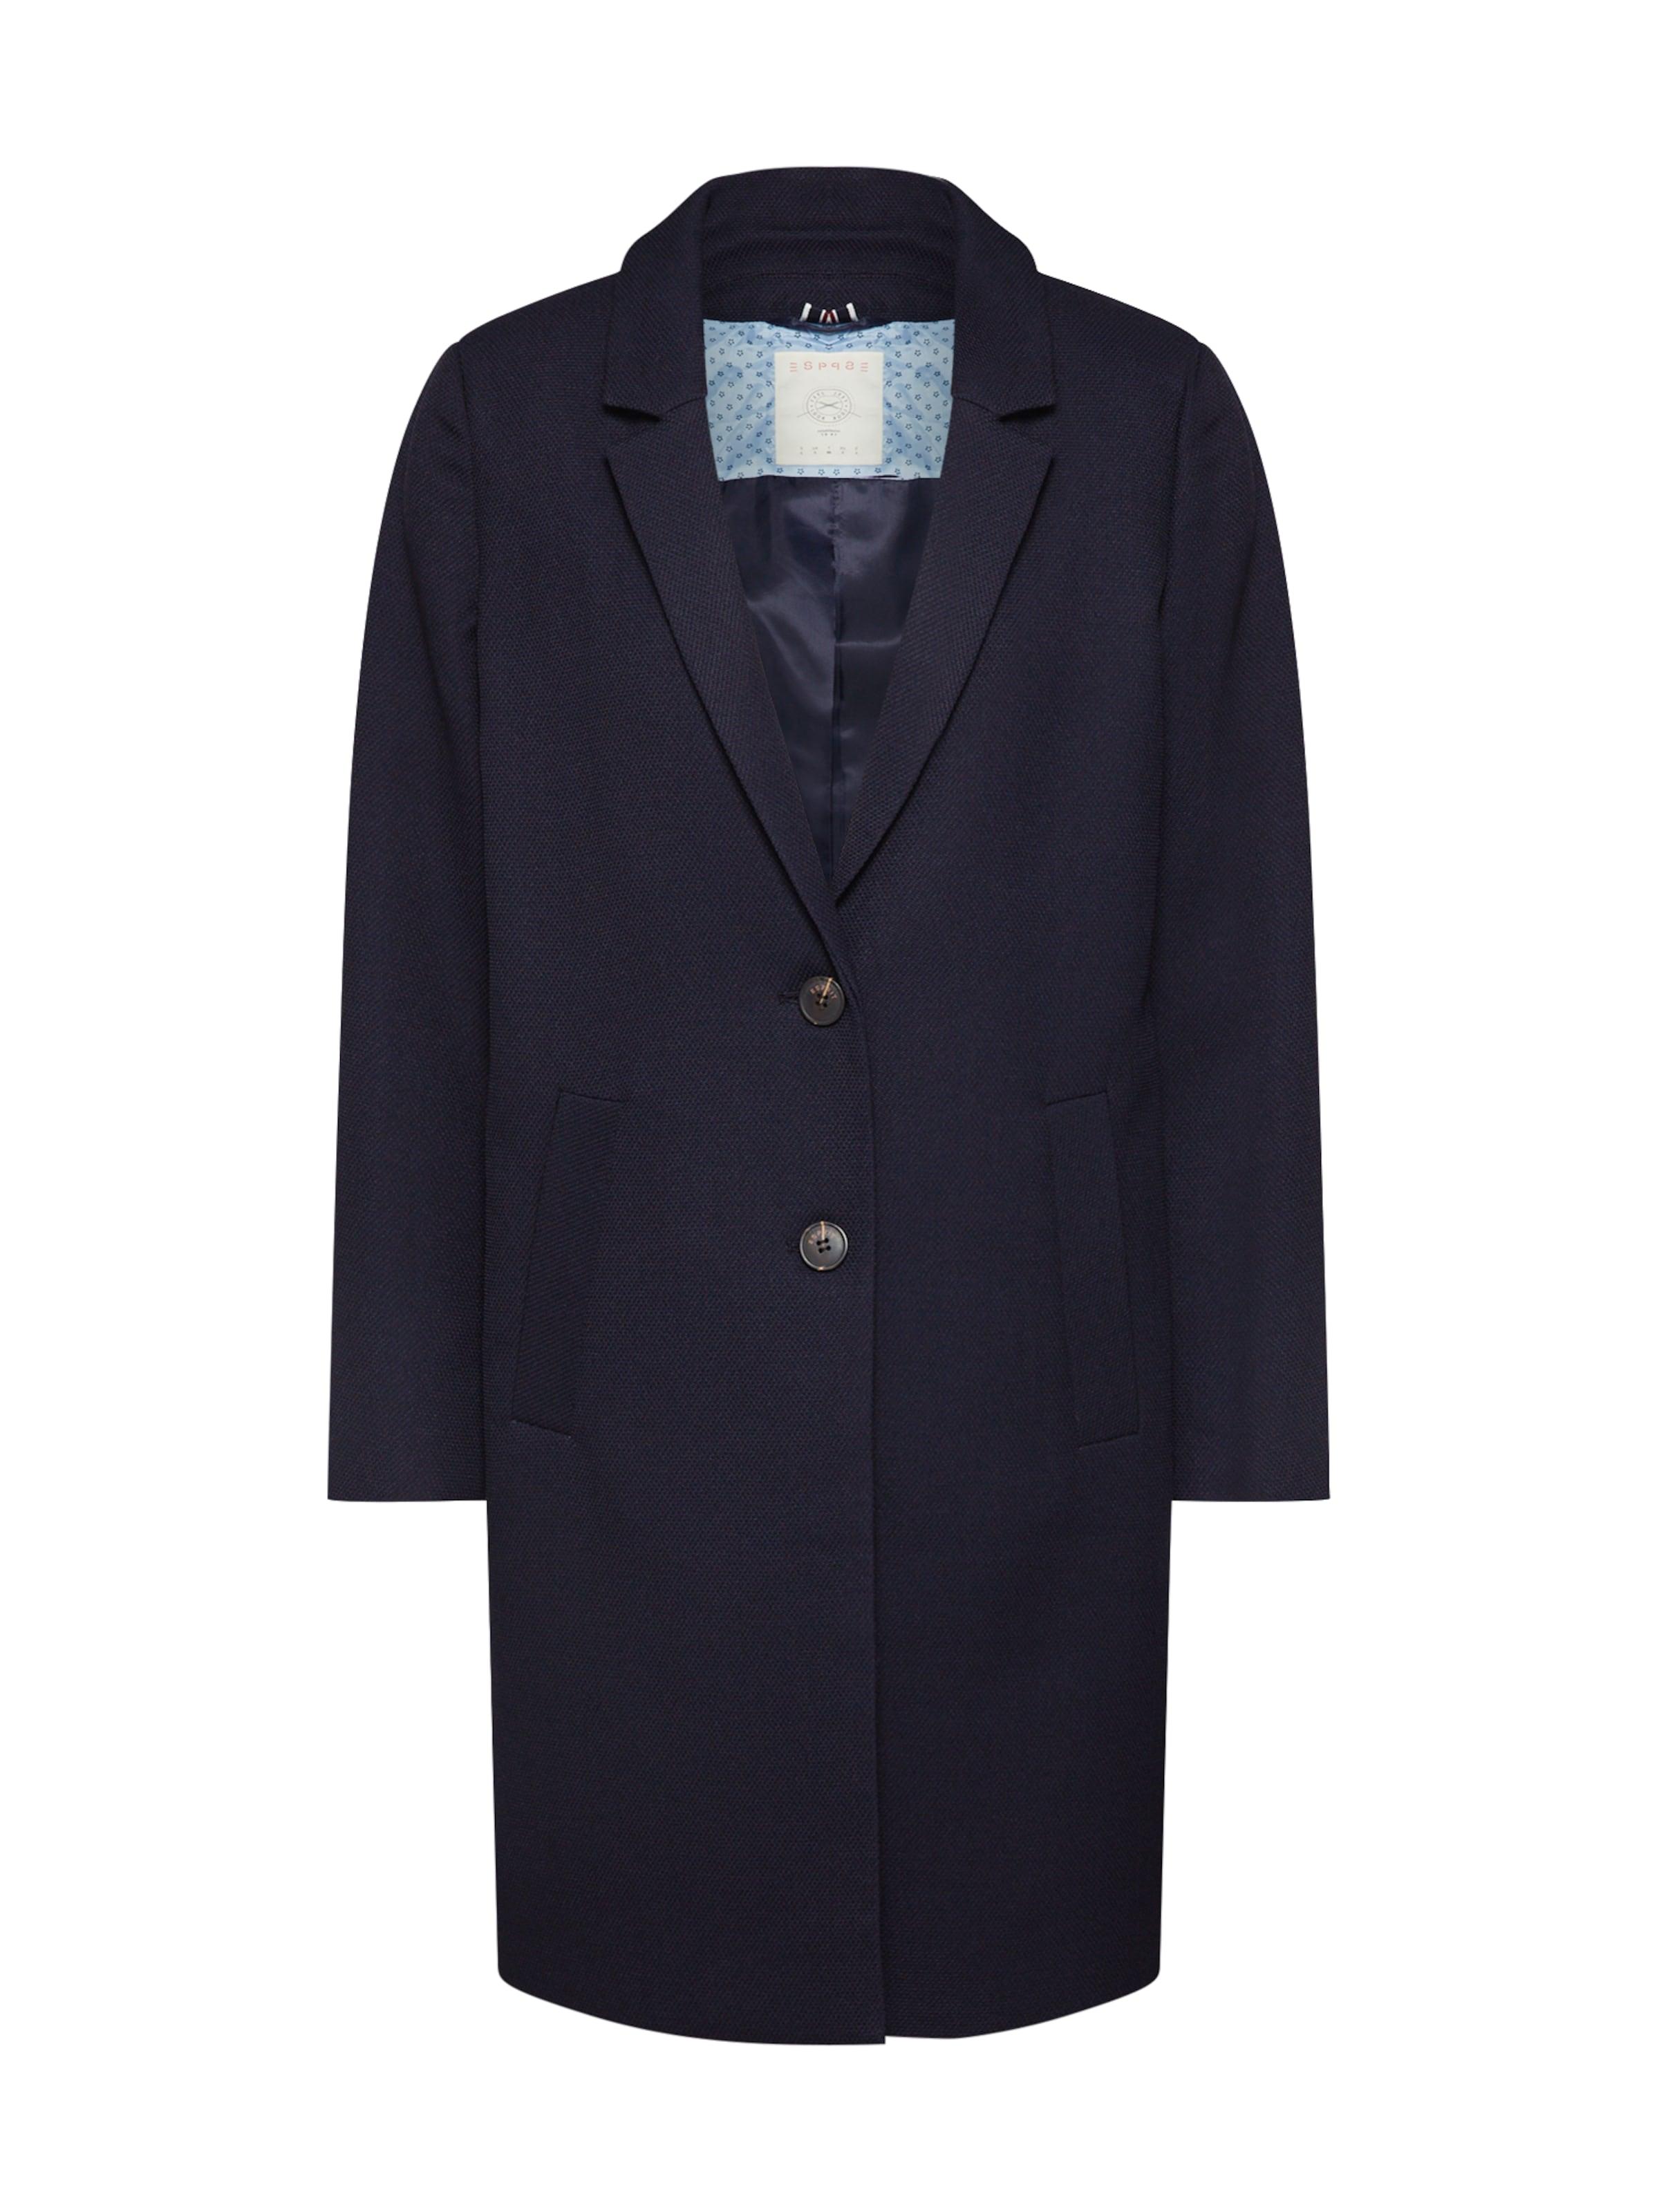 Mi Manteau Esprit En Marine saison Bleu ARq5j43L